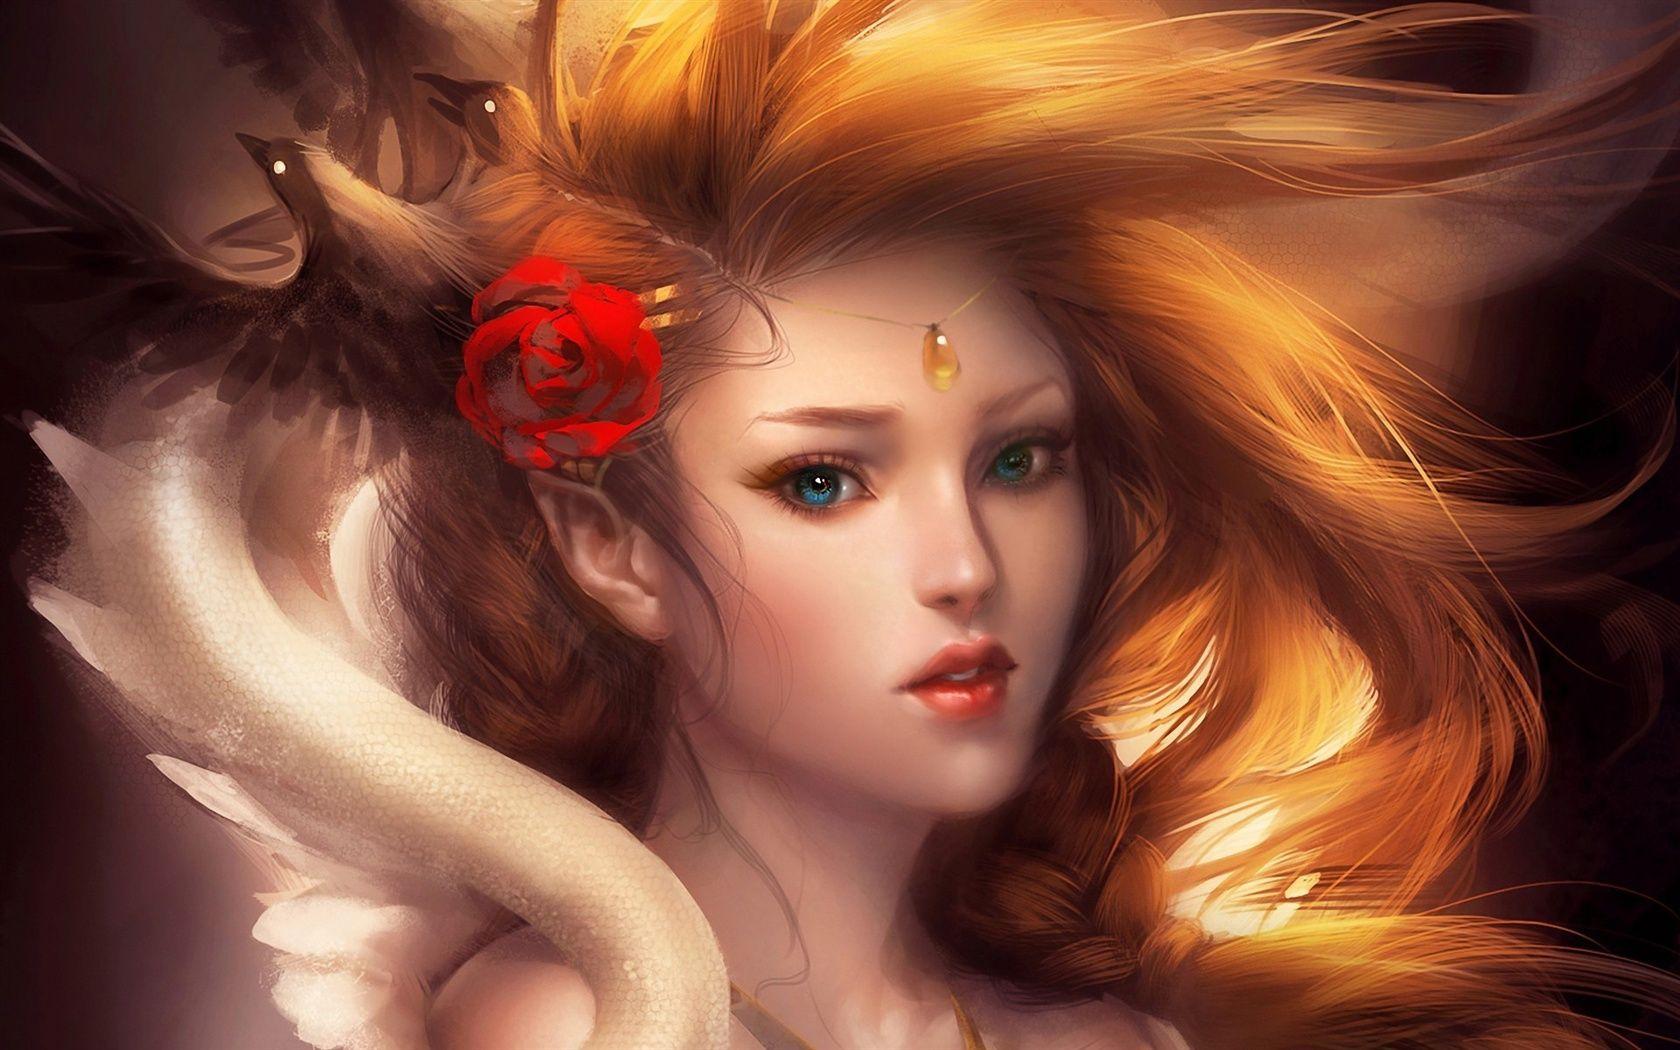 Kunst Gemalde Schone Blonde Madchen Rosen Haar Accessoires Hintergrundbilder 1680x1050 Hintergrundbilder Downlo Fantasie Frauen Fantasy Girl Blonde Madchen